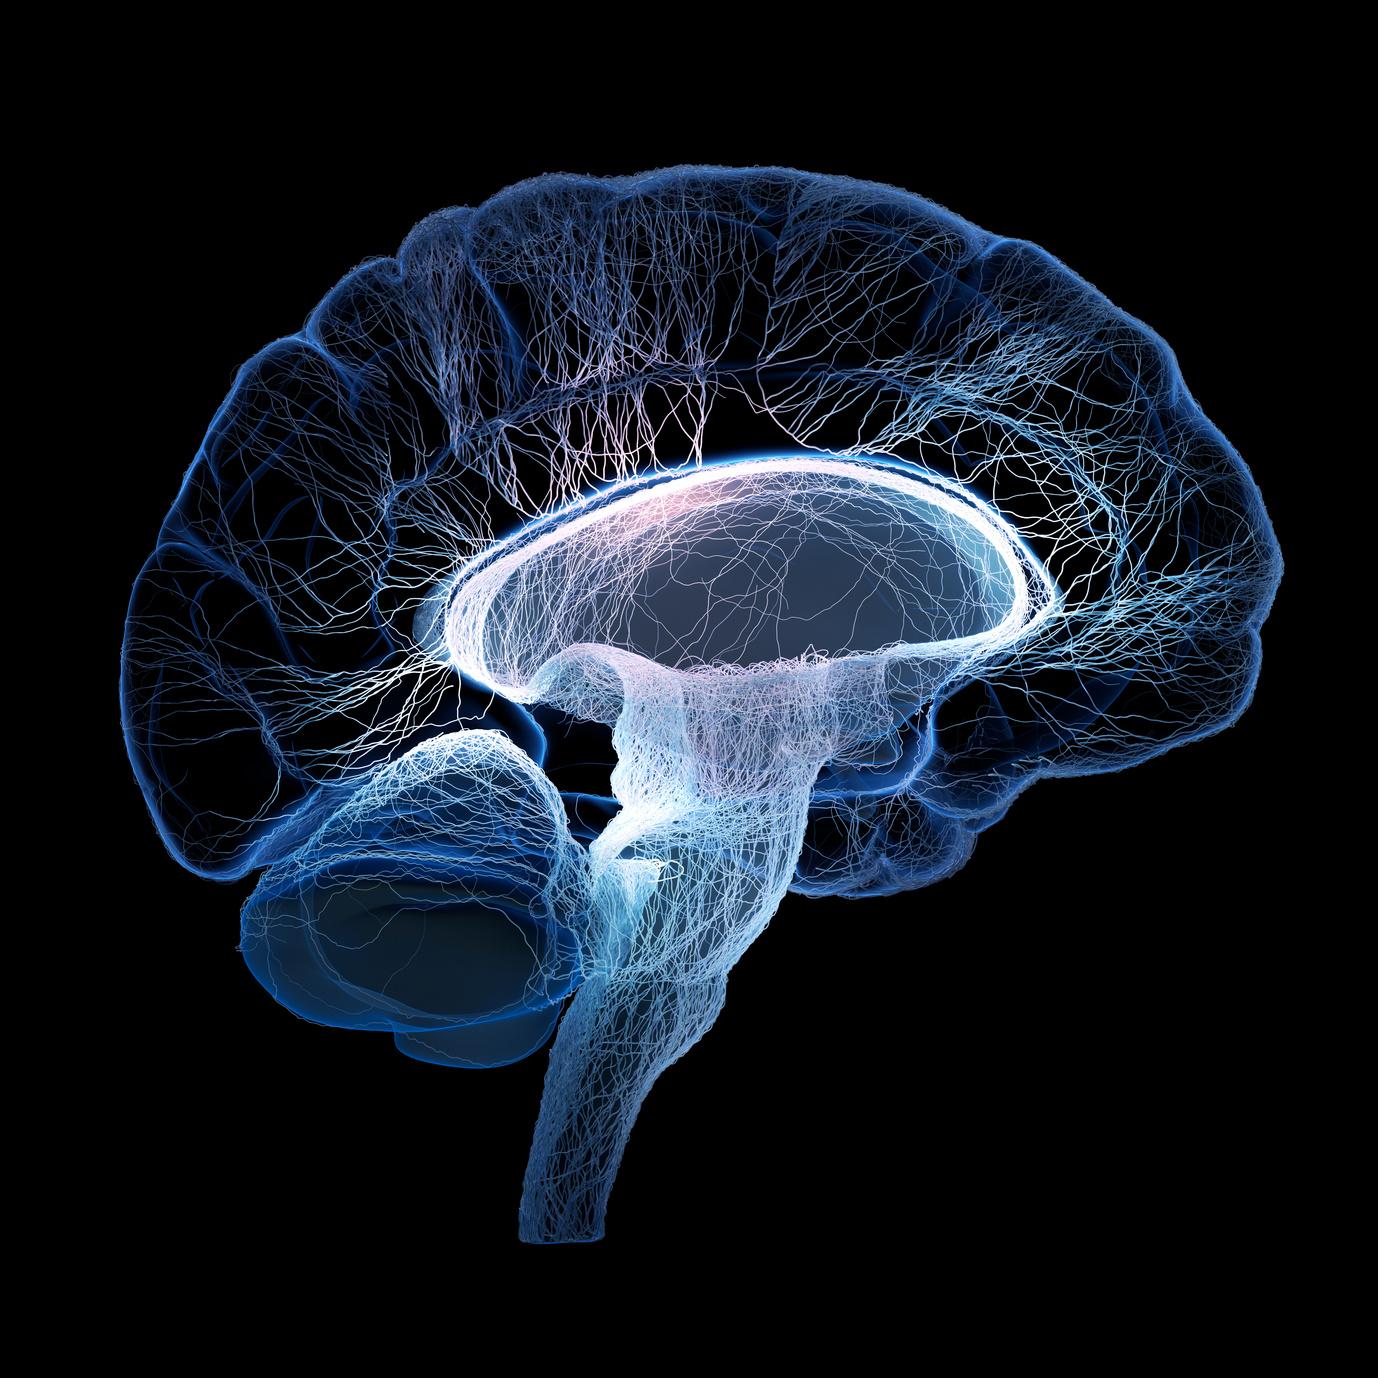 METODY DIAGNOZY NEUROPSYCHOLOGICZNEJ W PRAKTYCE KLINICZNEJ